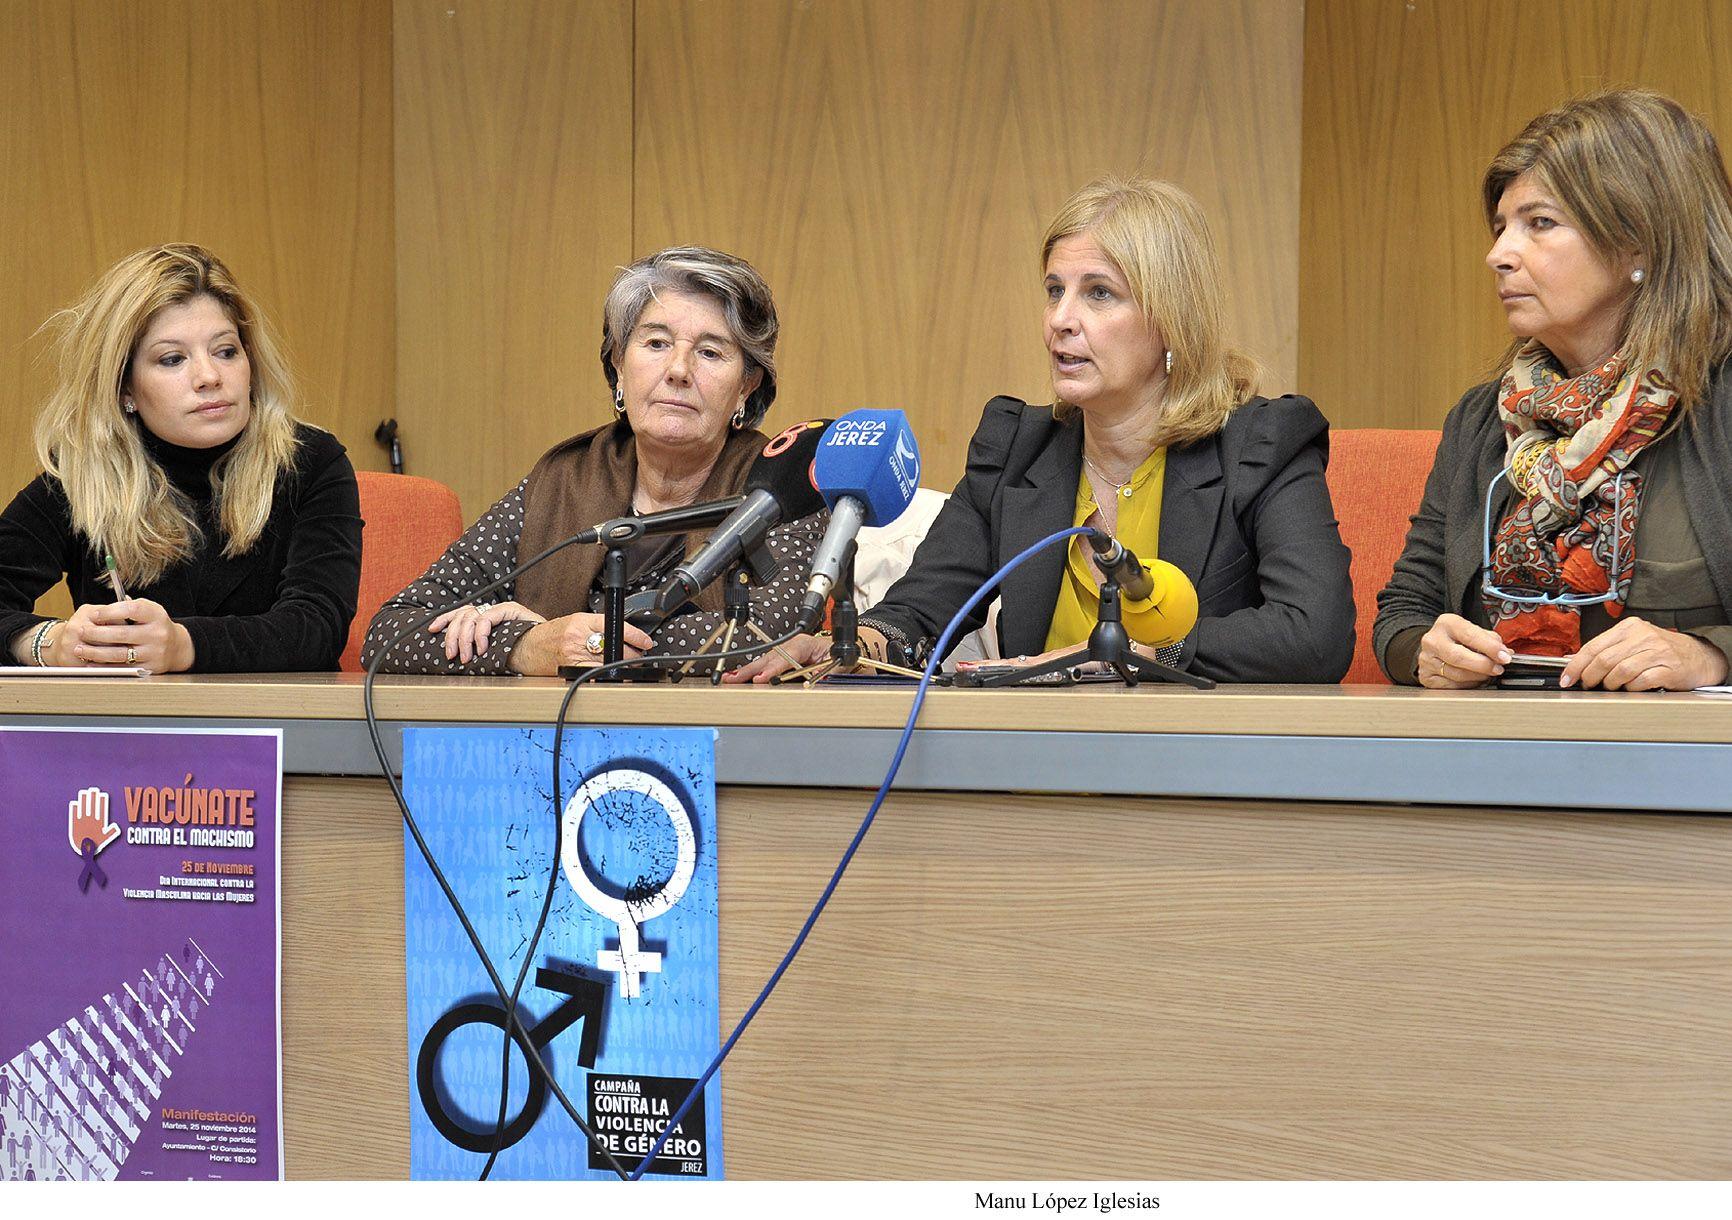 Alcaldesa_informa_manifestacion_contra_violencia_de_genero_02